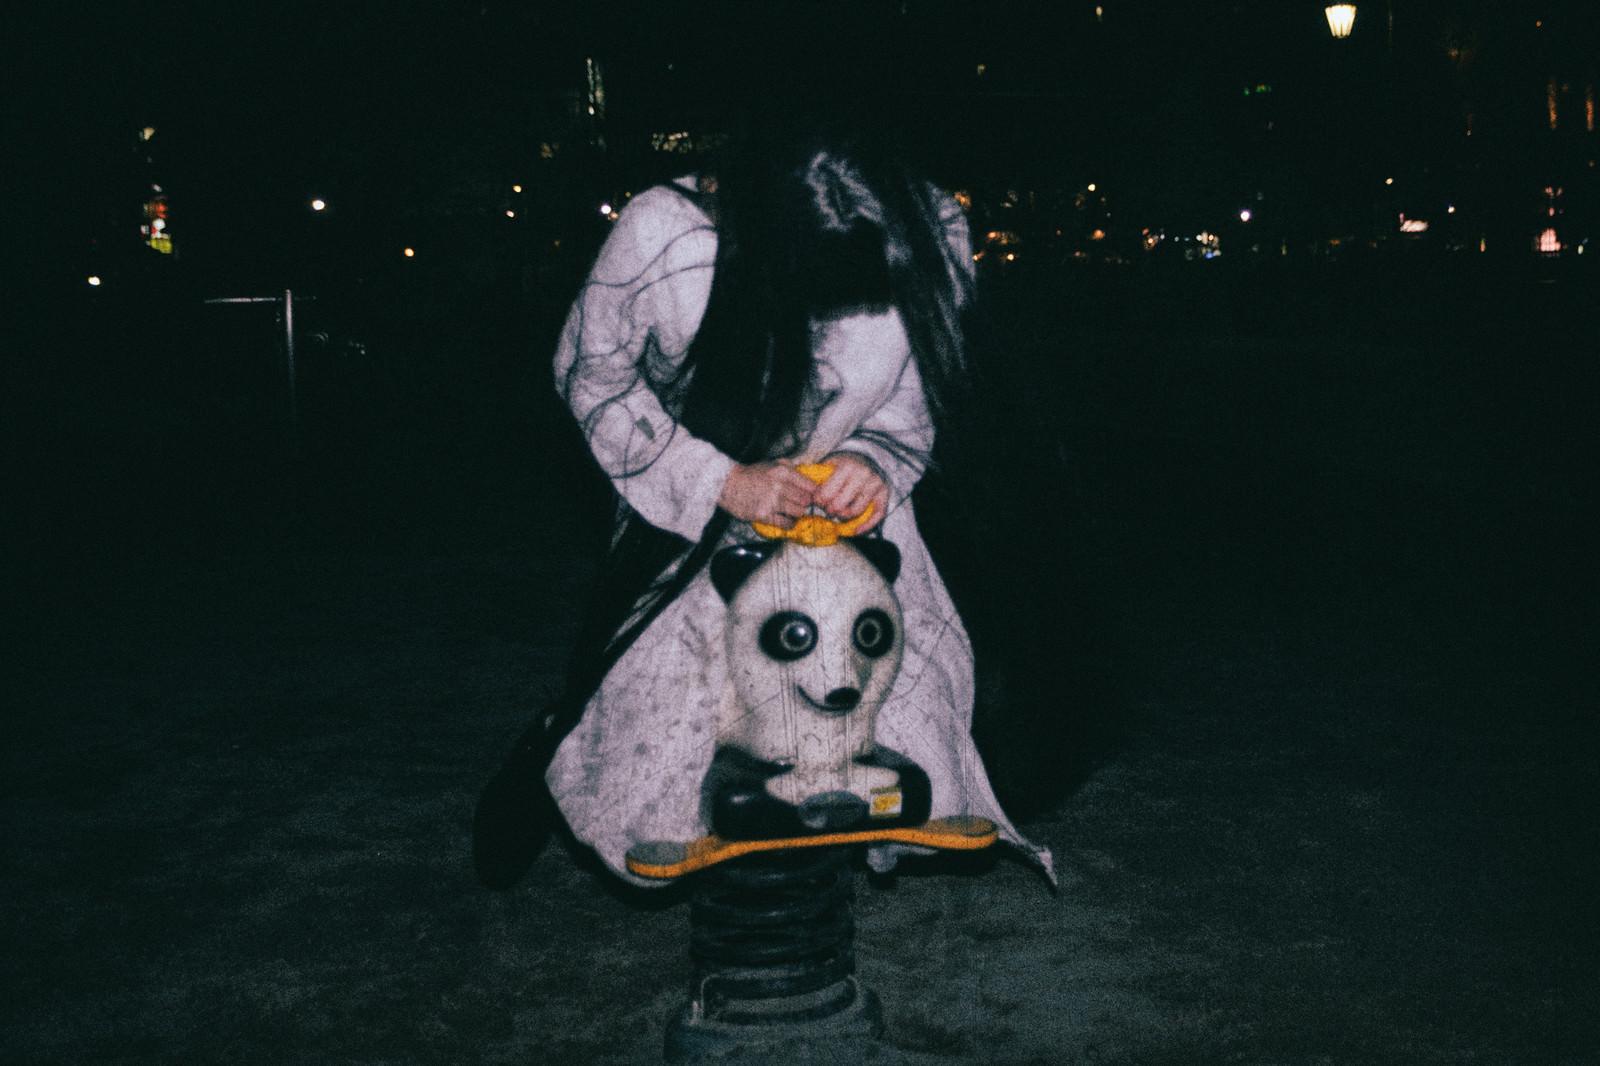 「深夜の公園でパンダのスプリング遊具に乗った気味の悪い女性」の写真[モデル:緋真煉]